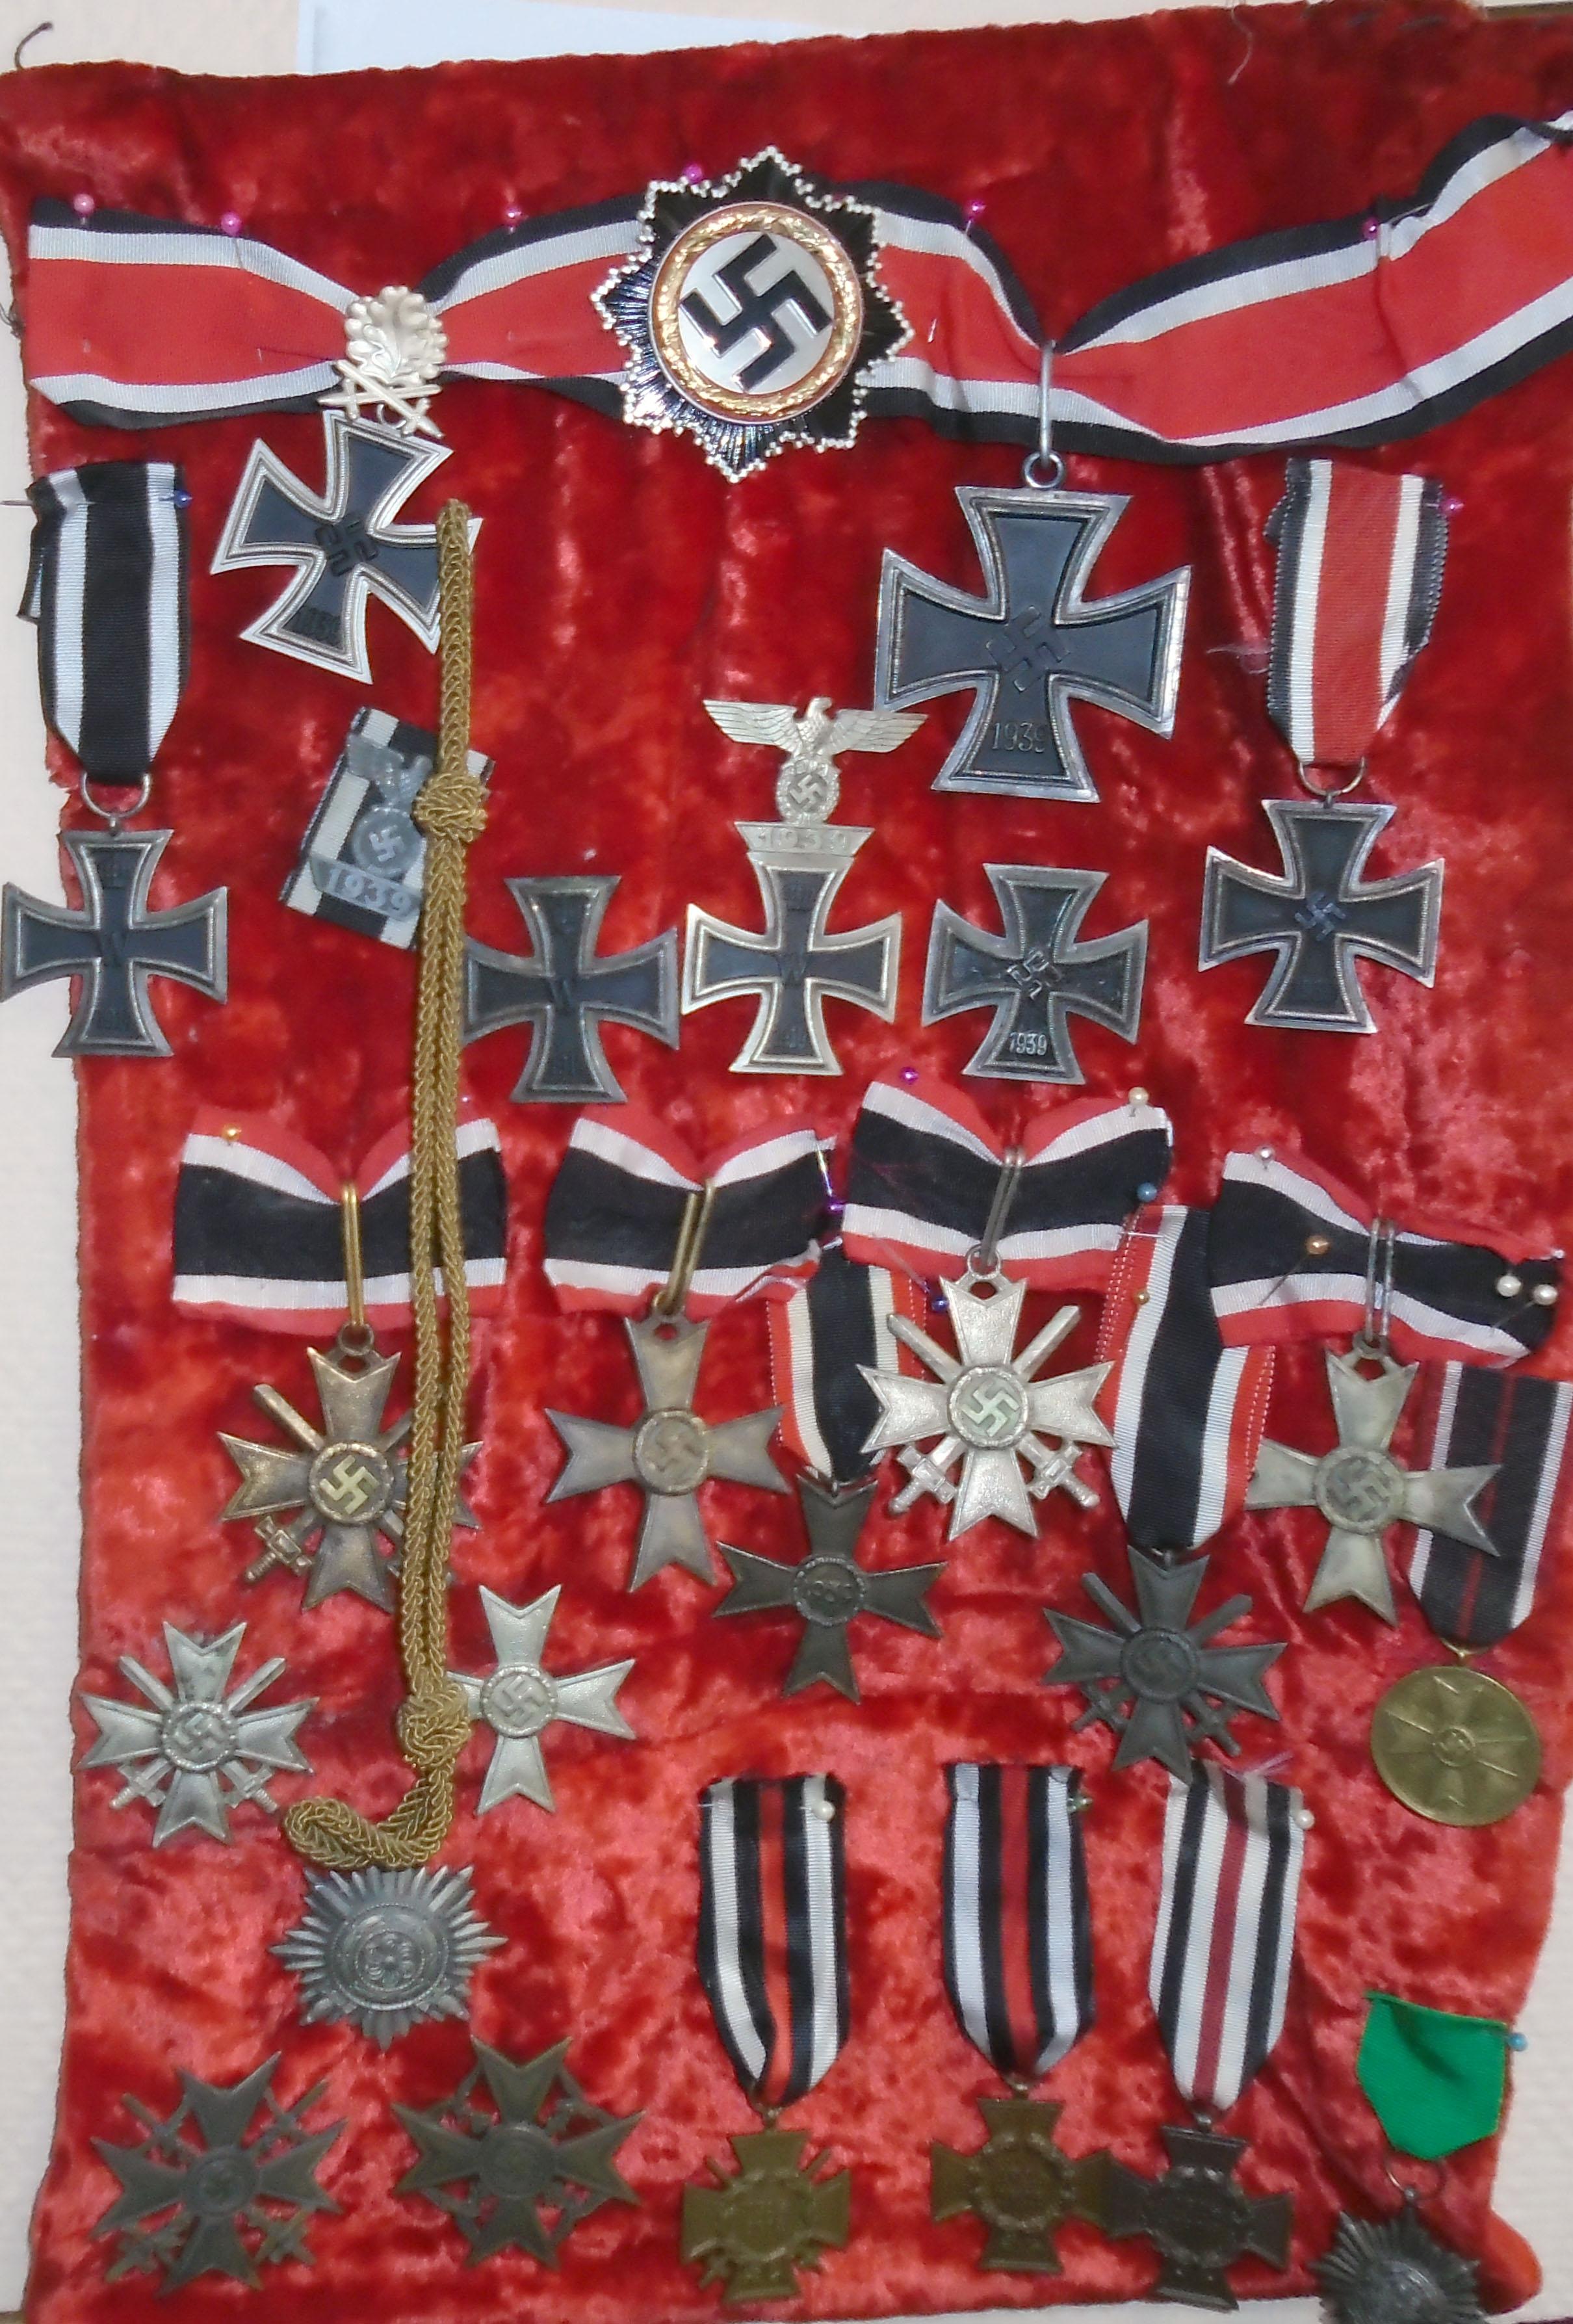 Через брянскую границу молдаванин попытался провезти фашистскую символику, награды и иконы XIX века